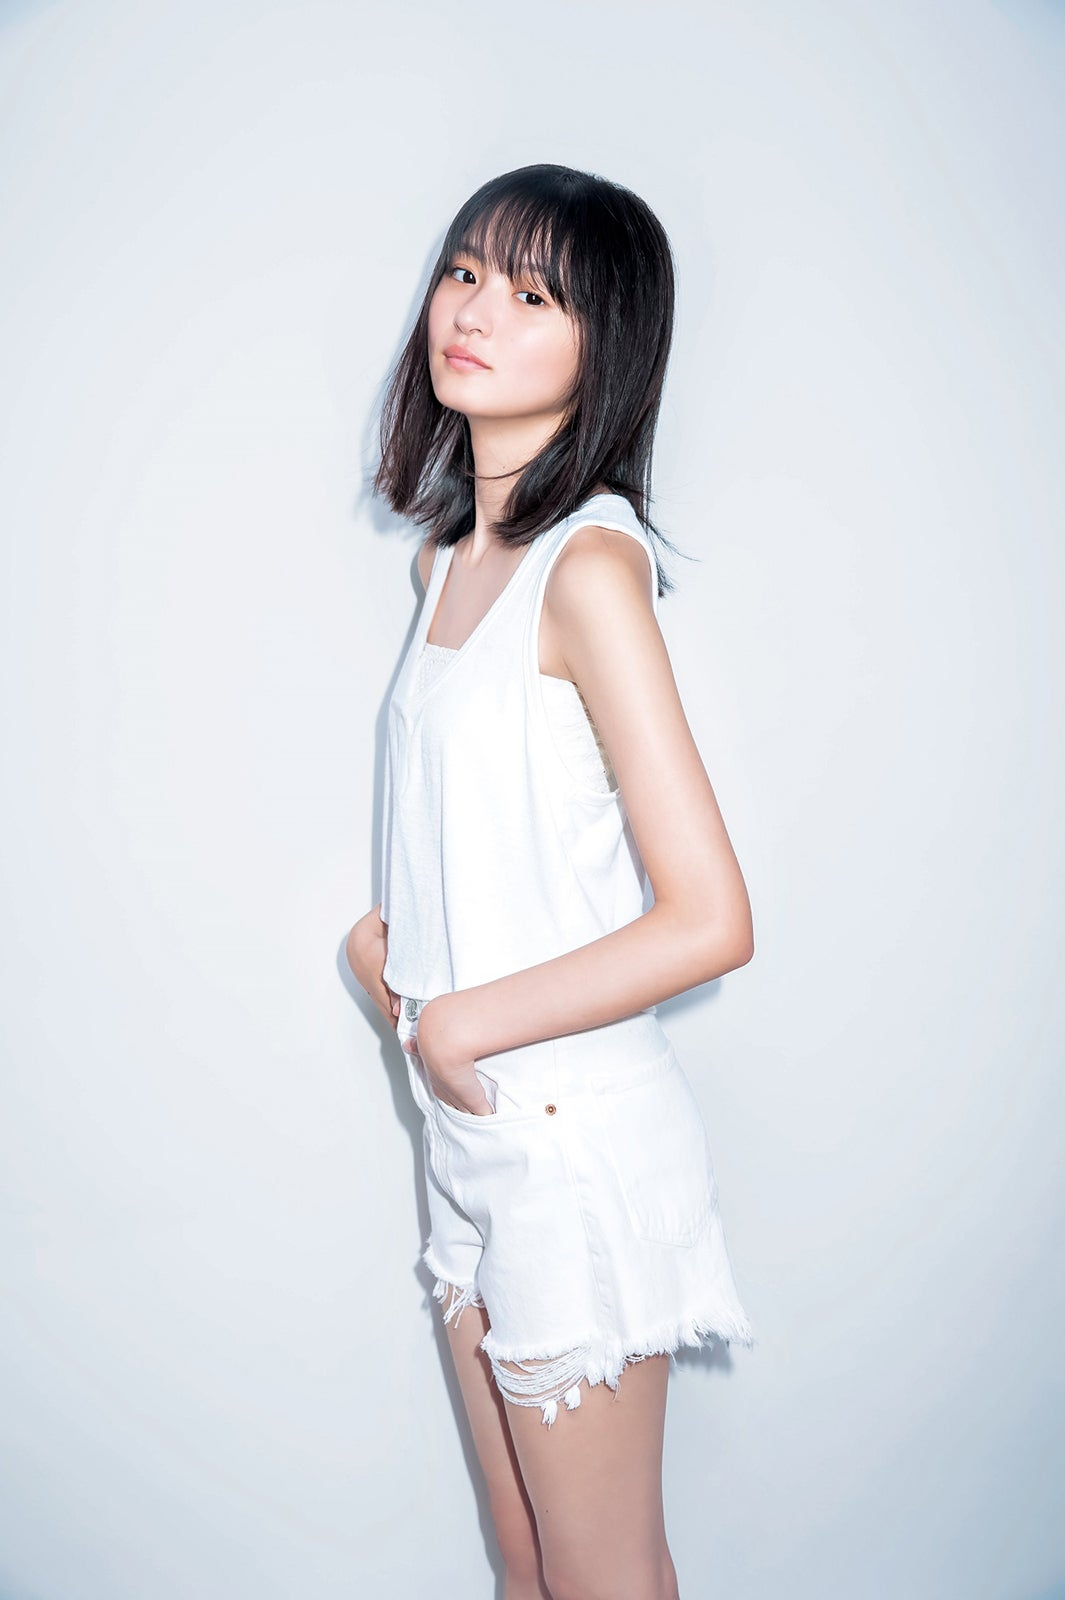 新センター遠藤さくら(17)の圧倒的な美少女感 タンクトップ